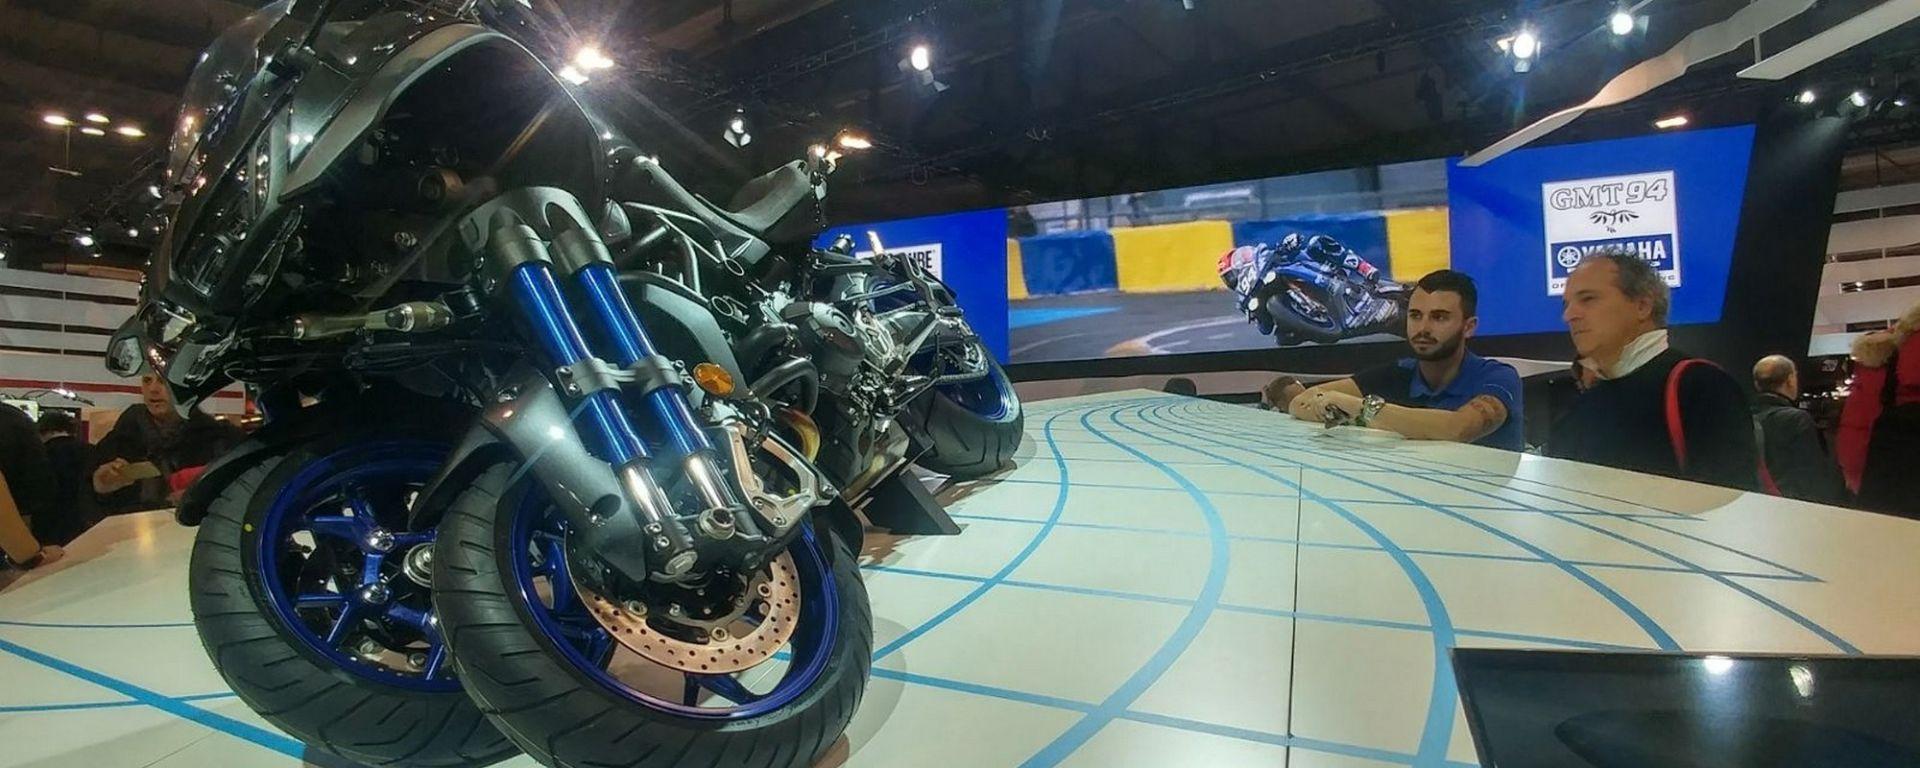 EICMA 2017: le novità allo stand Yamaha